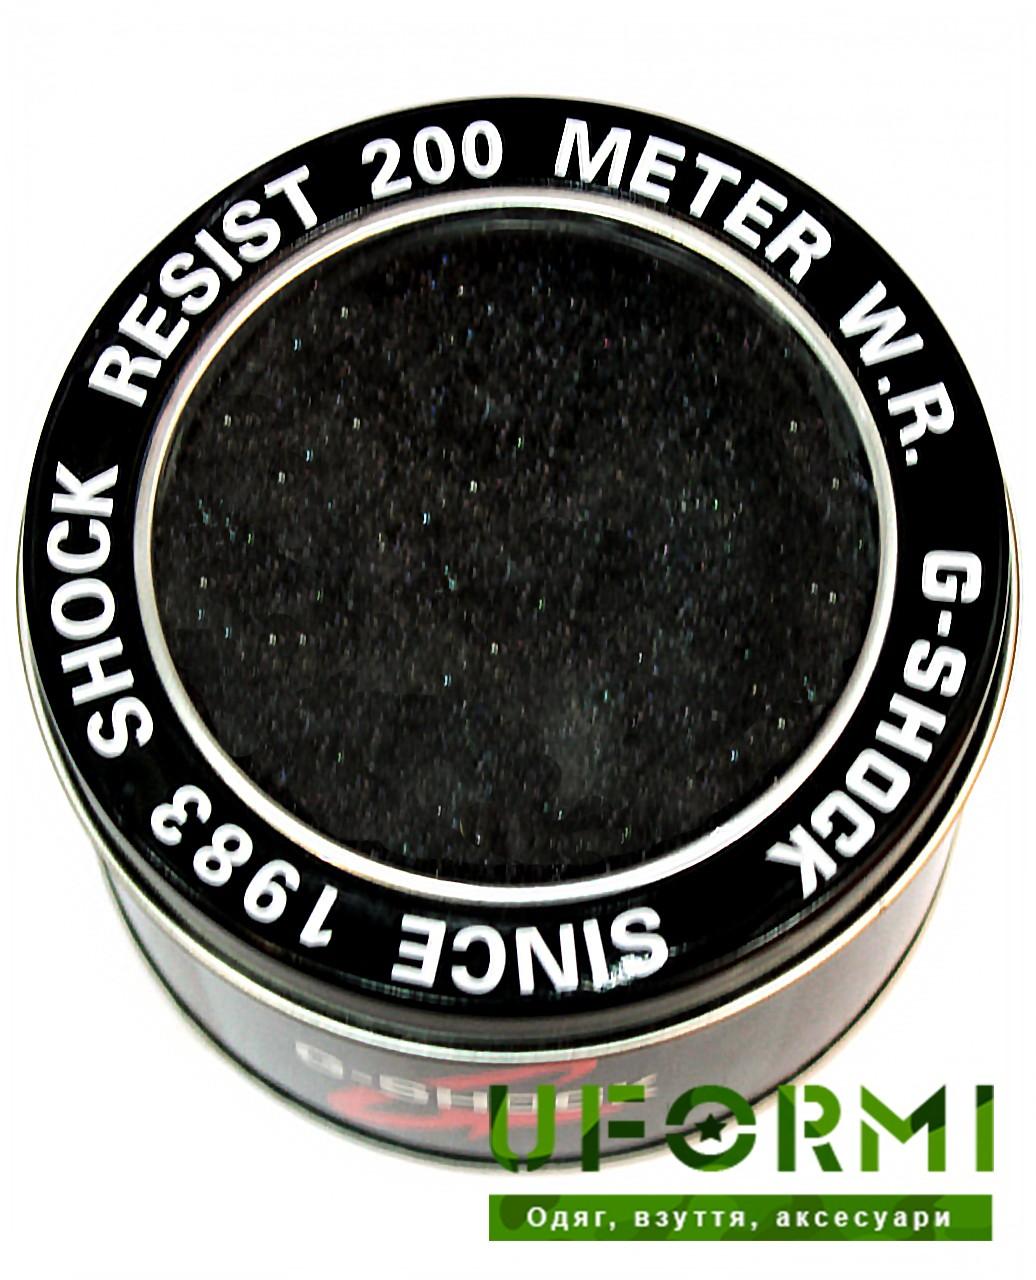 Коробка для годинника Casio G-Shock купити 2ad81fbb6fd30